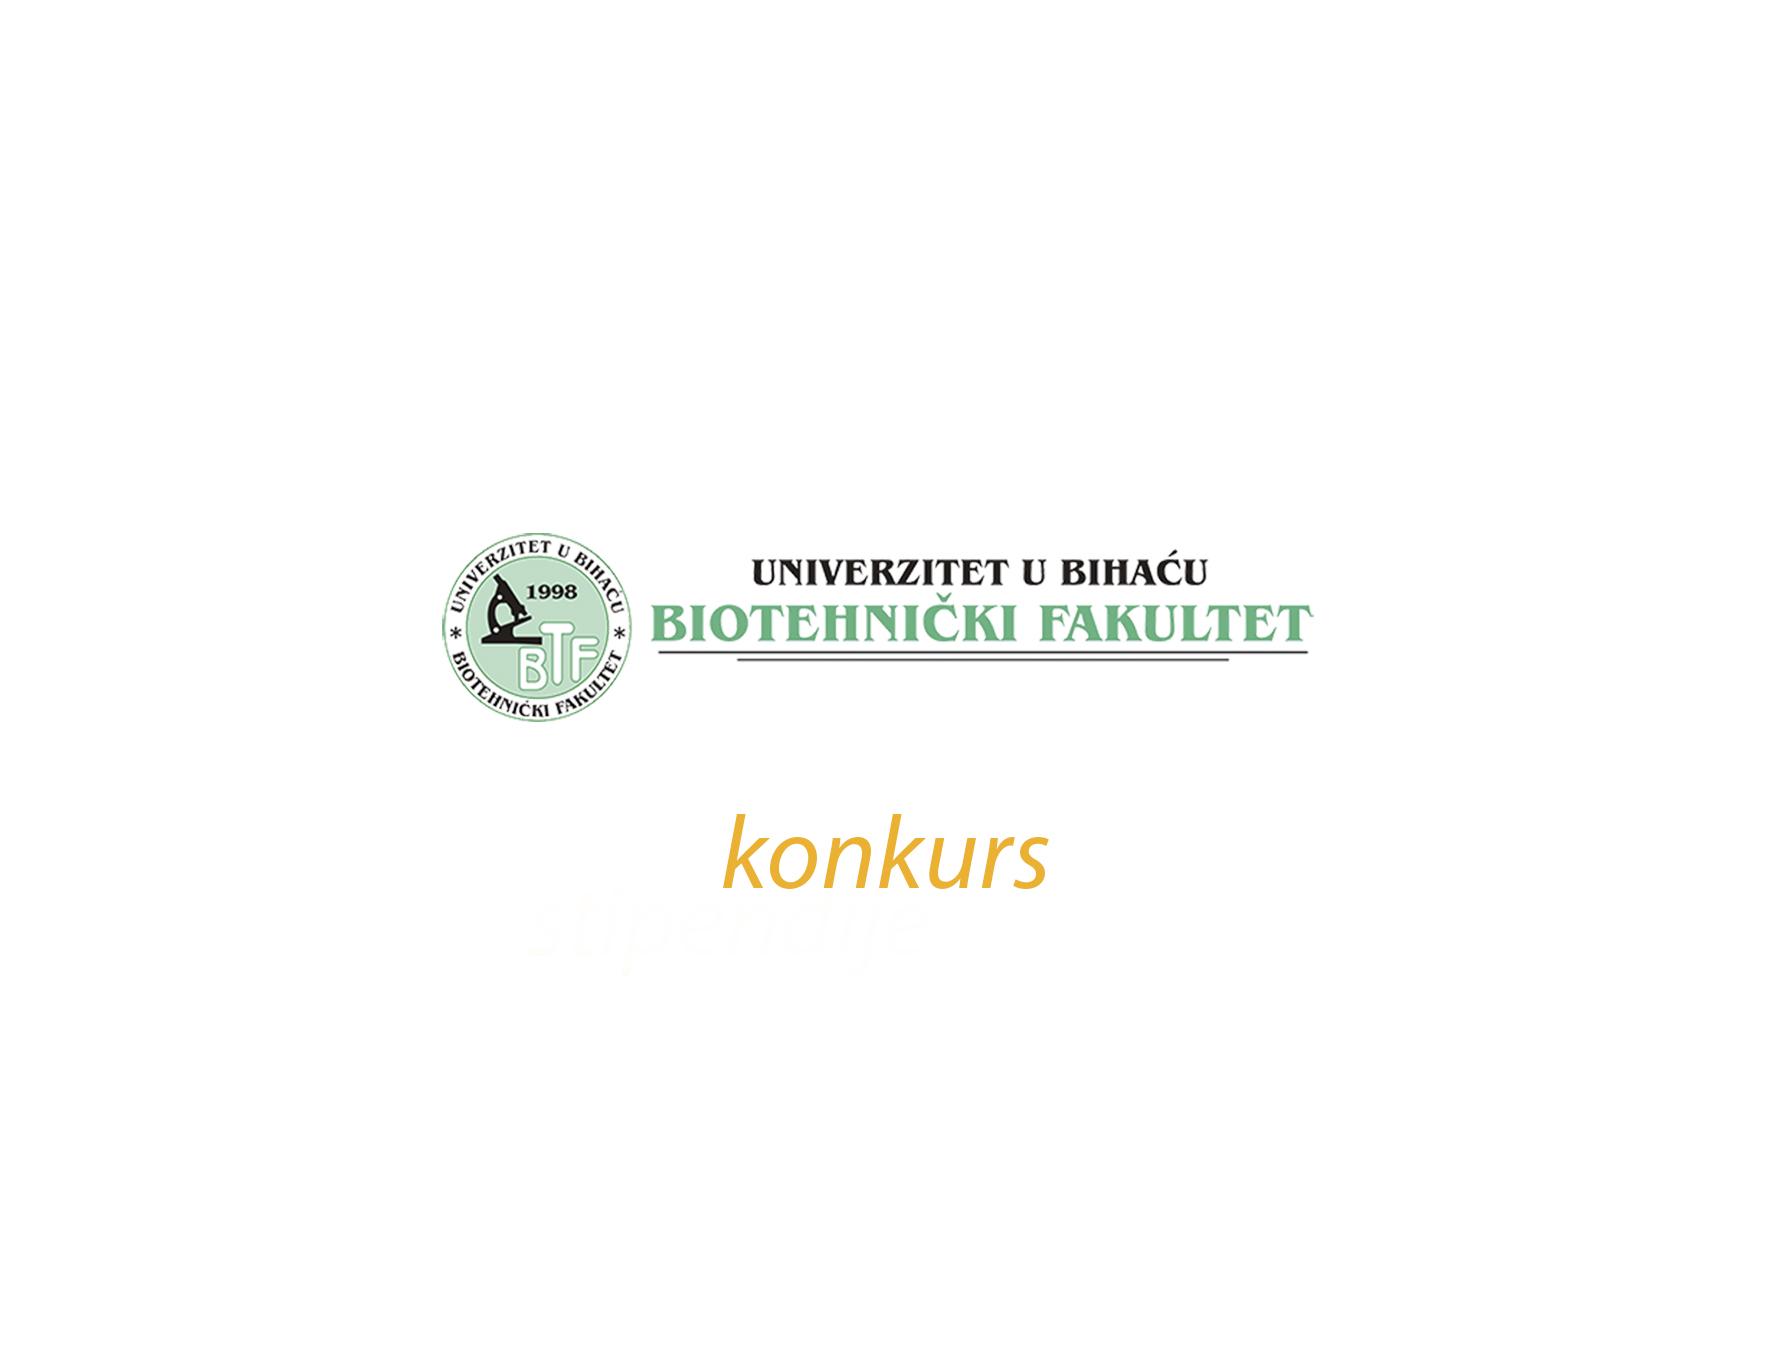 Konkurs Biotehničkog fakulteta Univerziteta u Bihaću